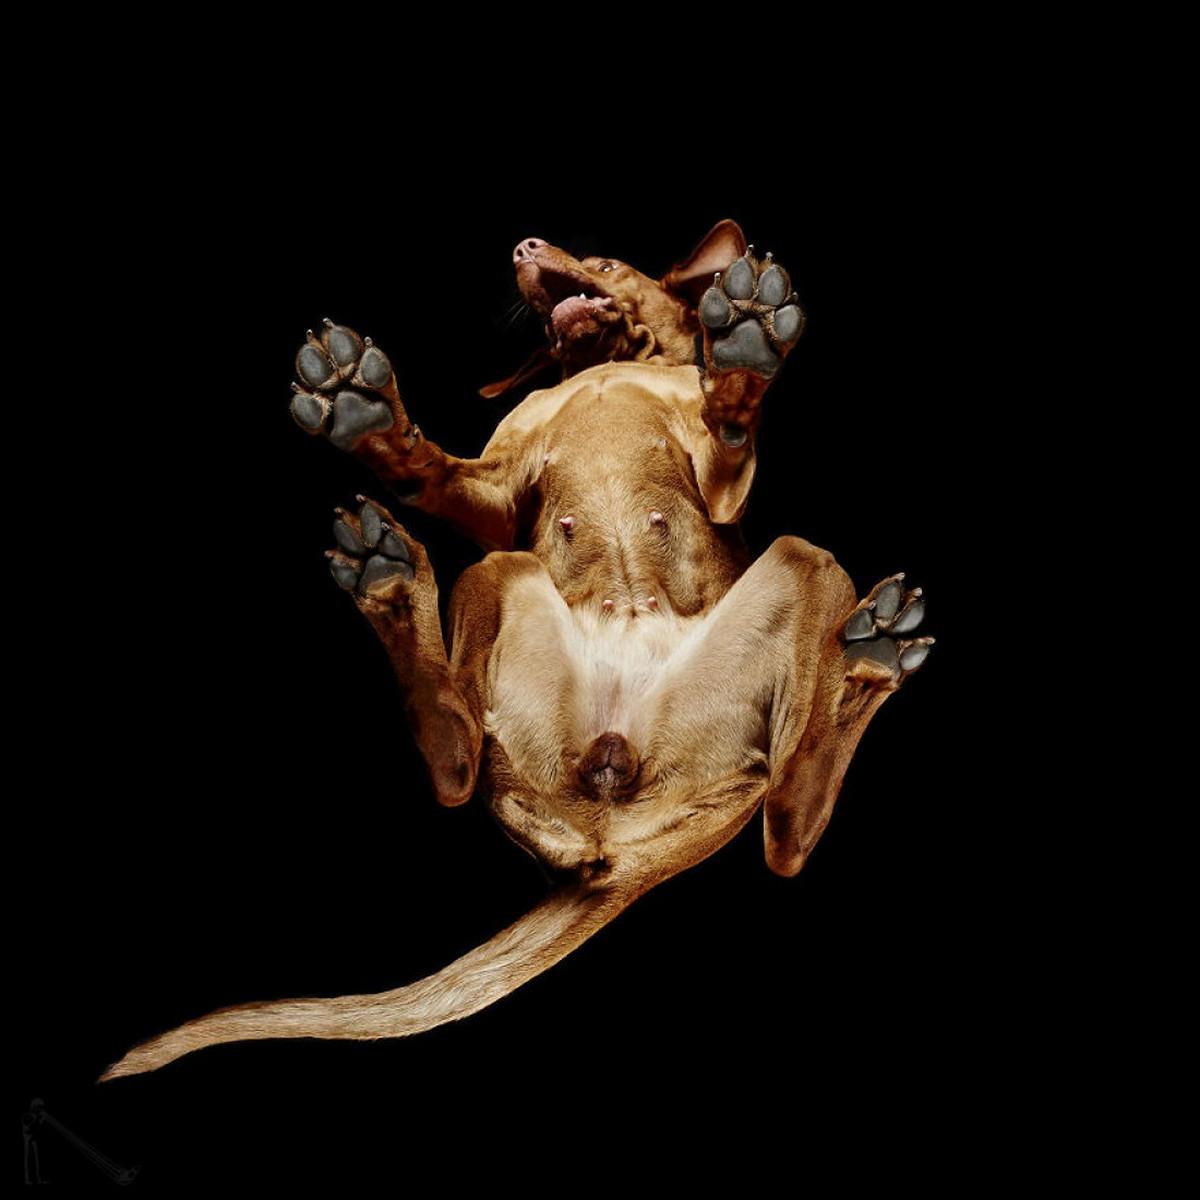 «Взгляд снизу»: чудные фотографии животных в проекте Андриуса Бурбы 11